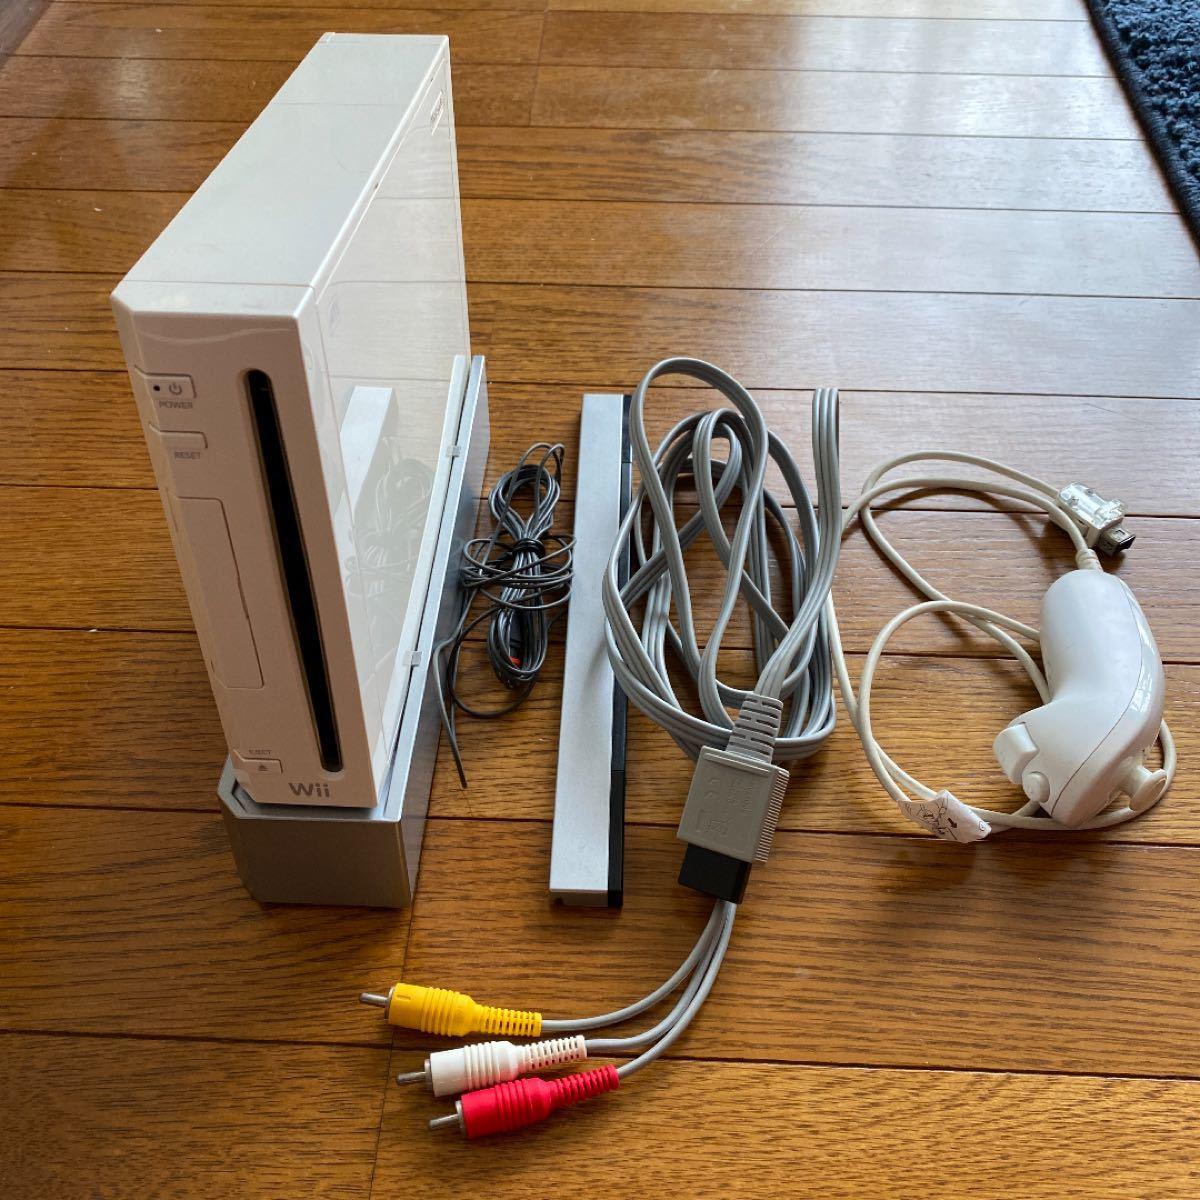 Wii 本体 コード類完備